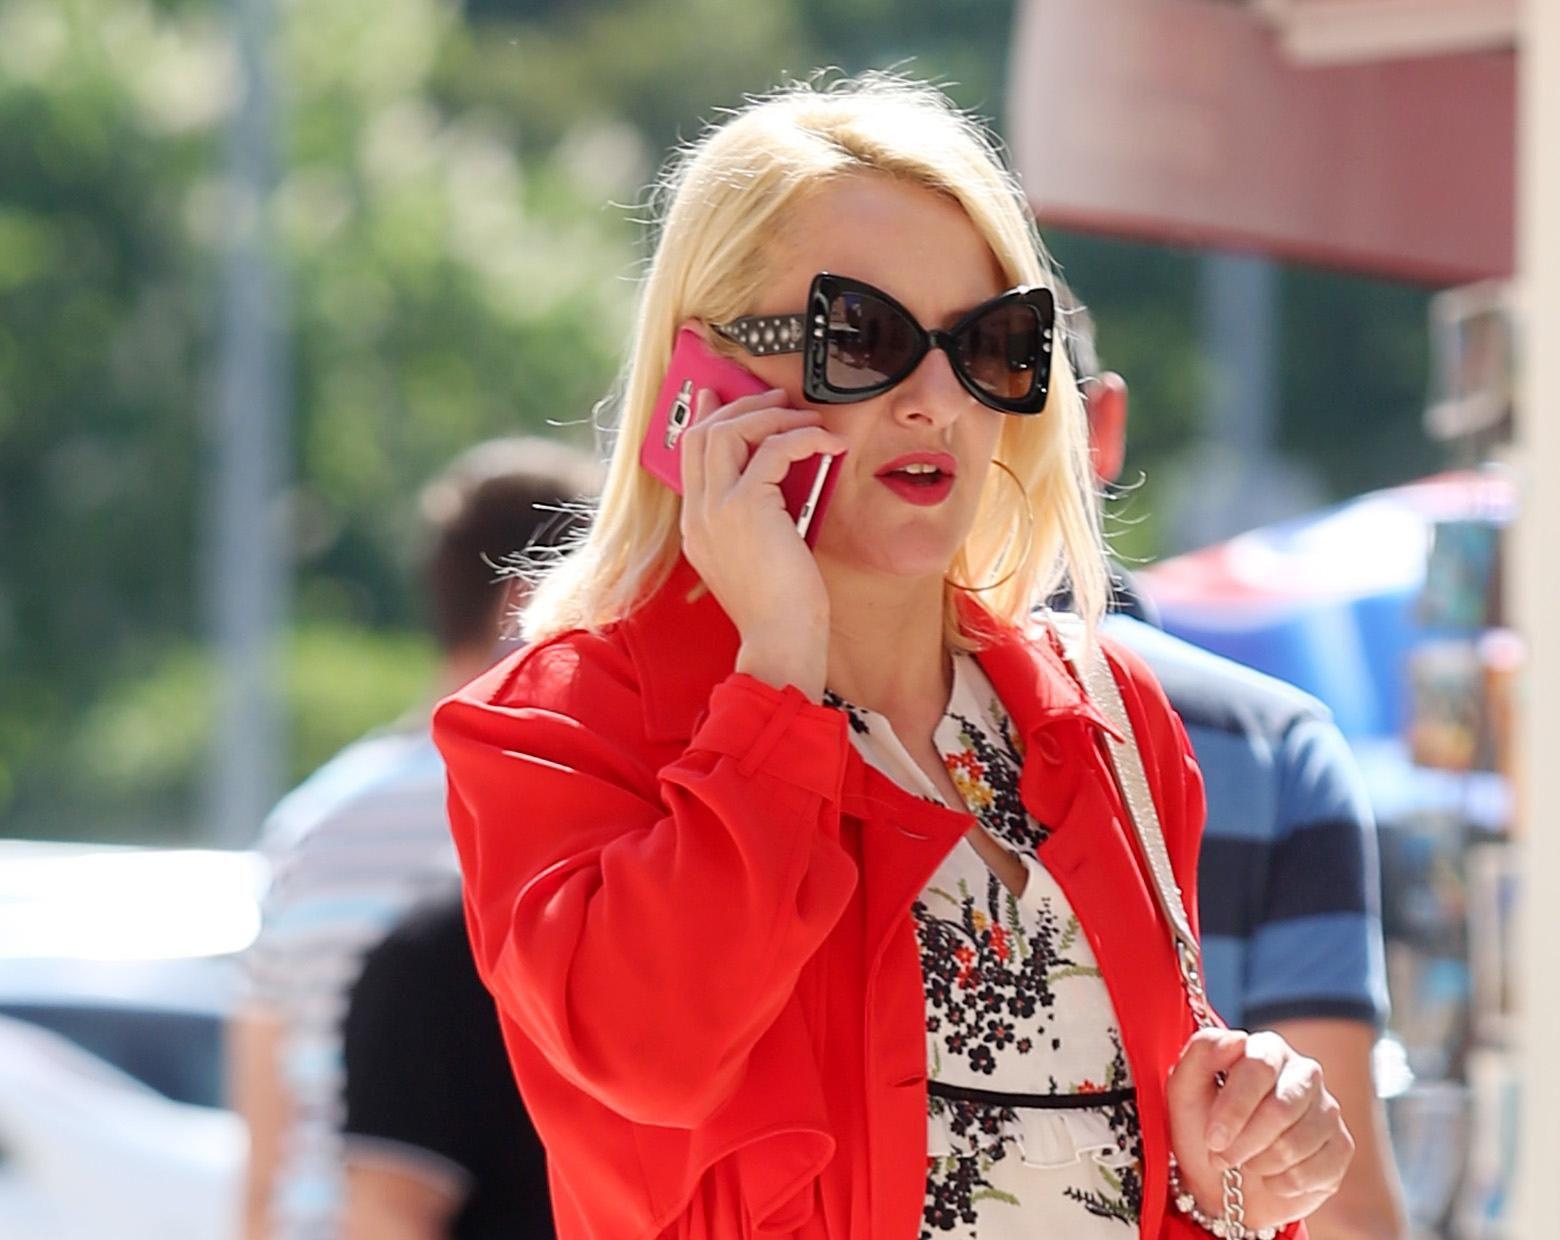 Neobične naočale i zavodljiv crveni komad - ova plavuša nije mogla proći nezamijećeno